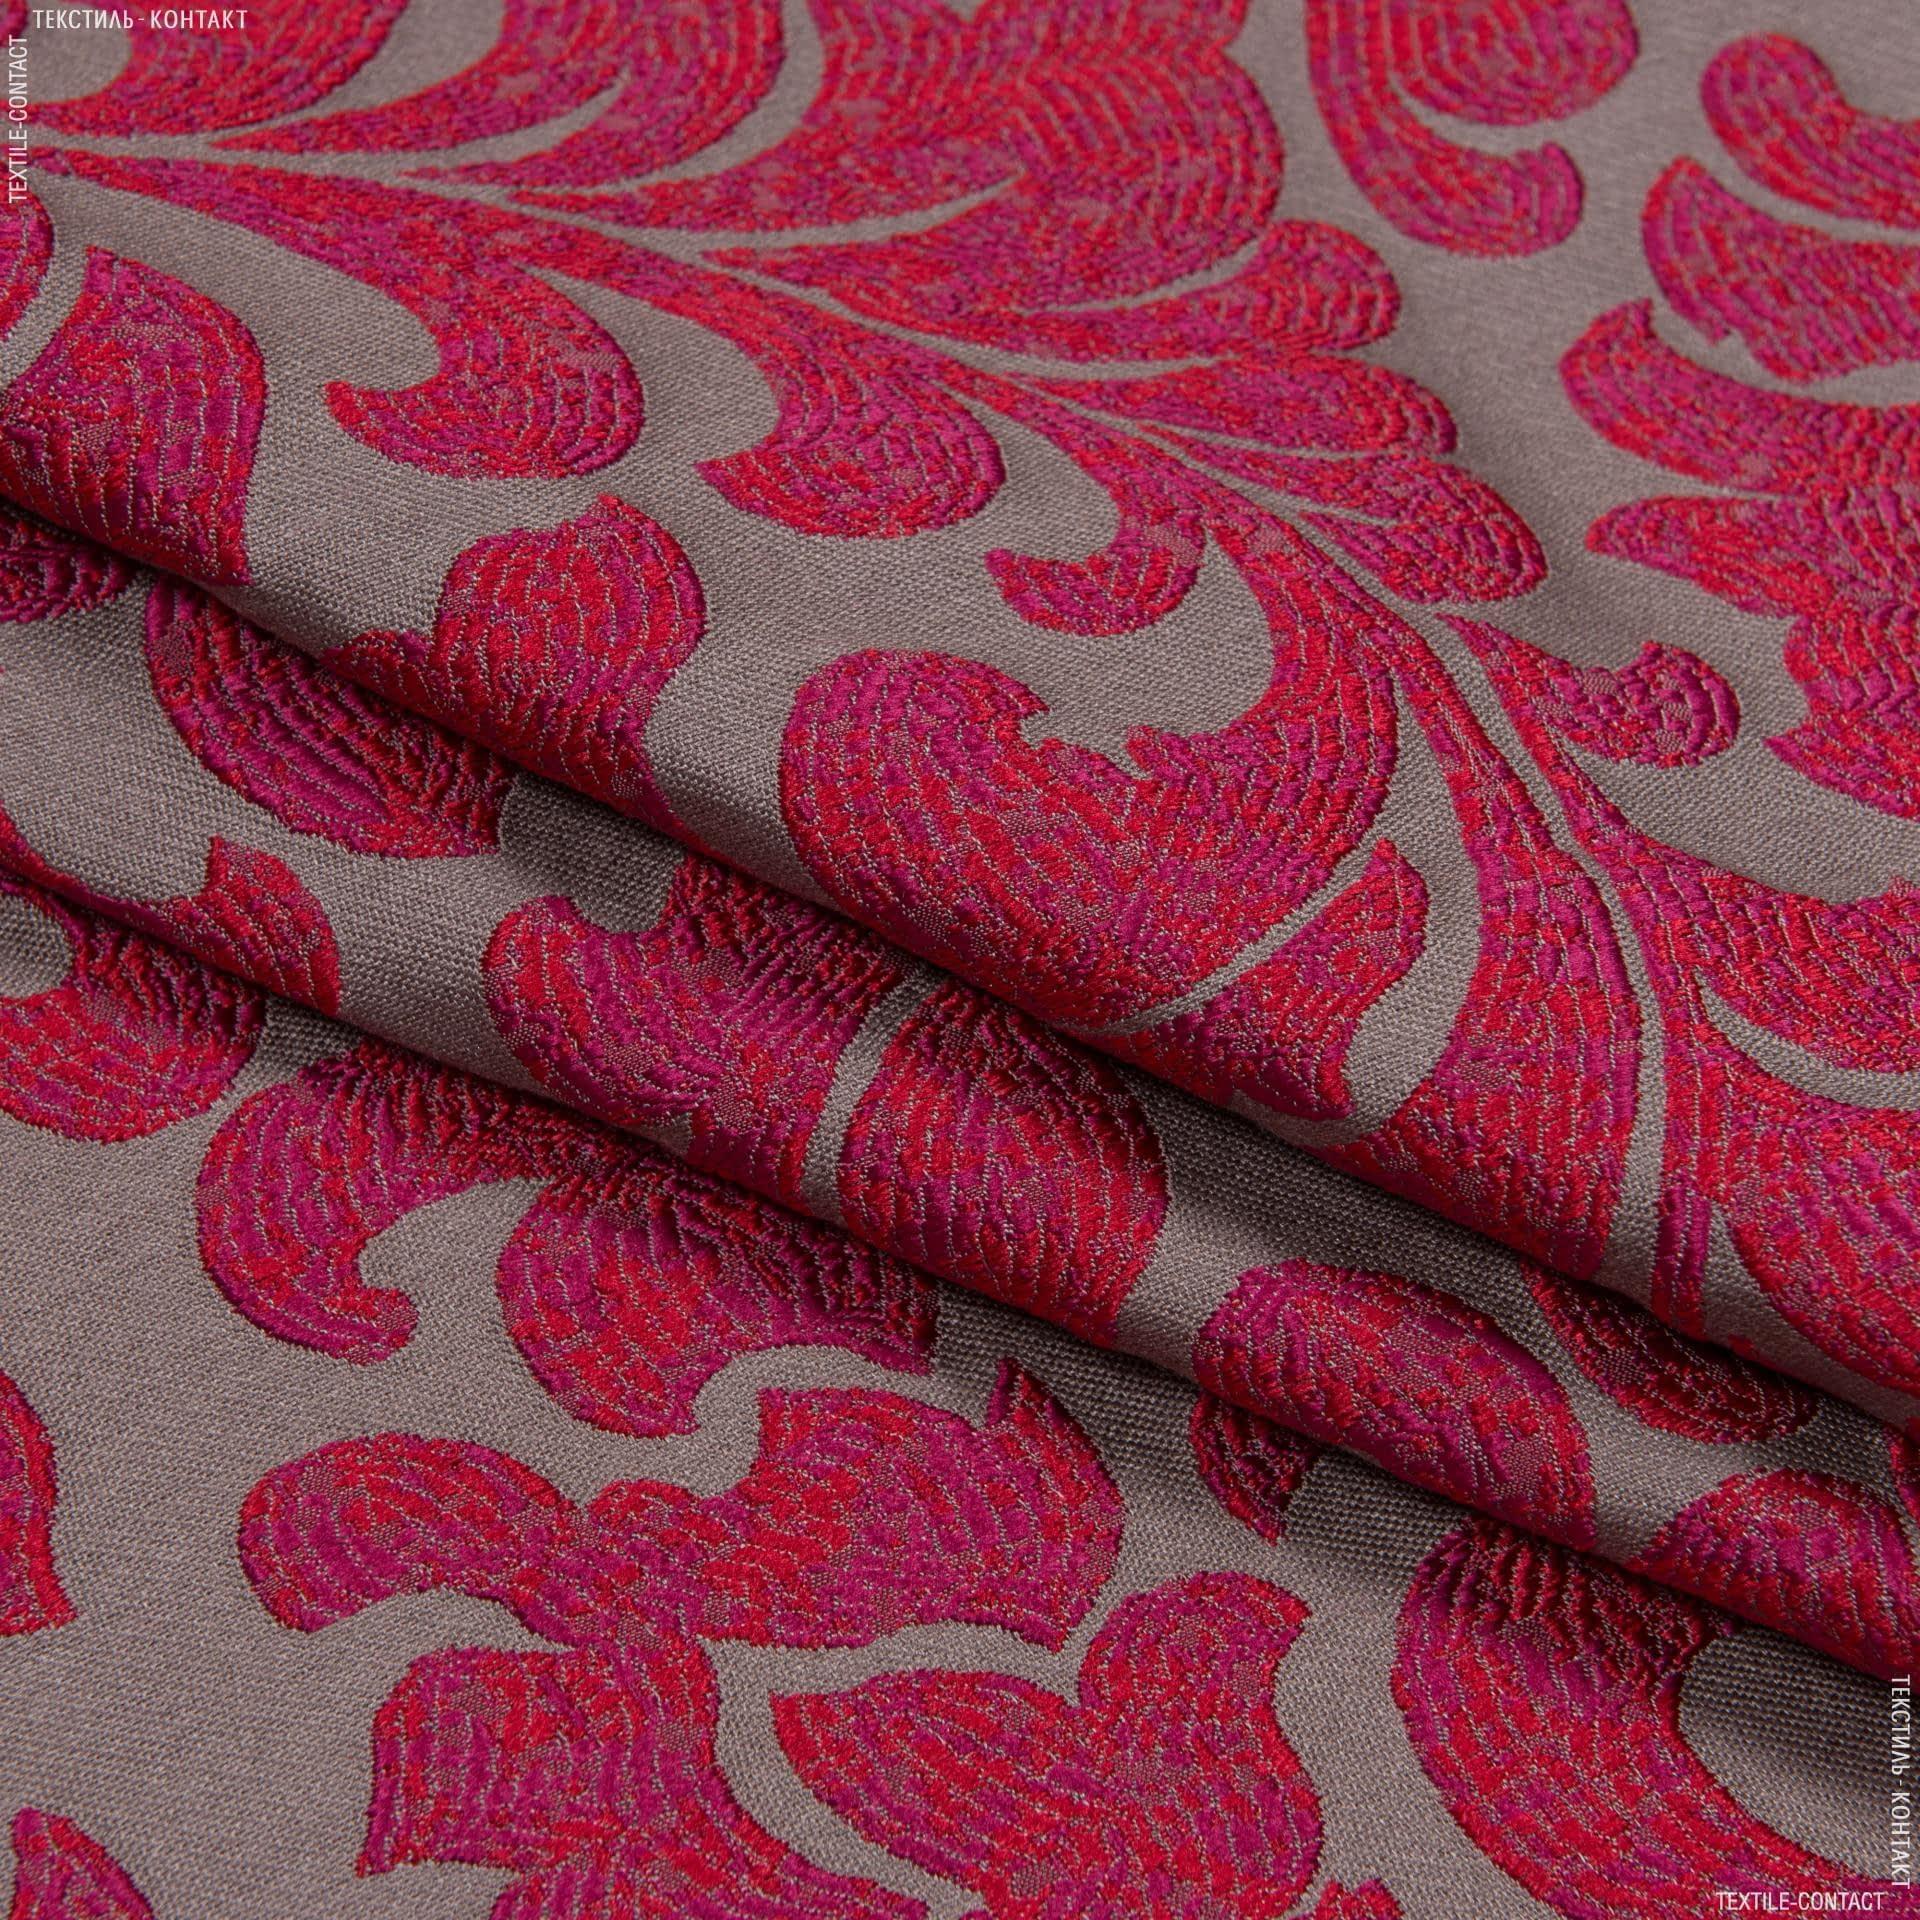 Тканини портьєрні тканини - Декоративна тканина верміон вязь фон беж